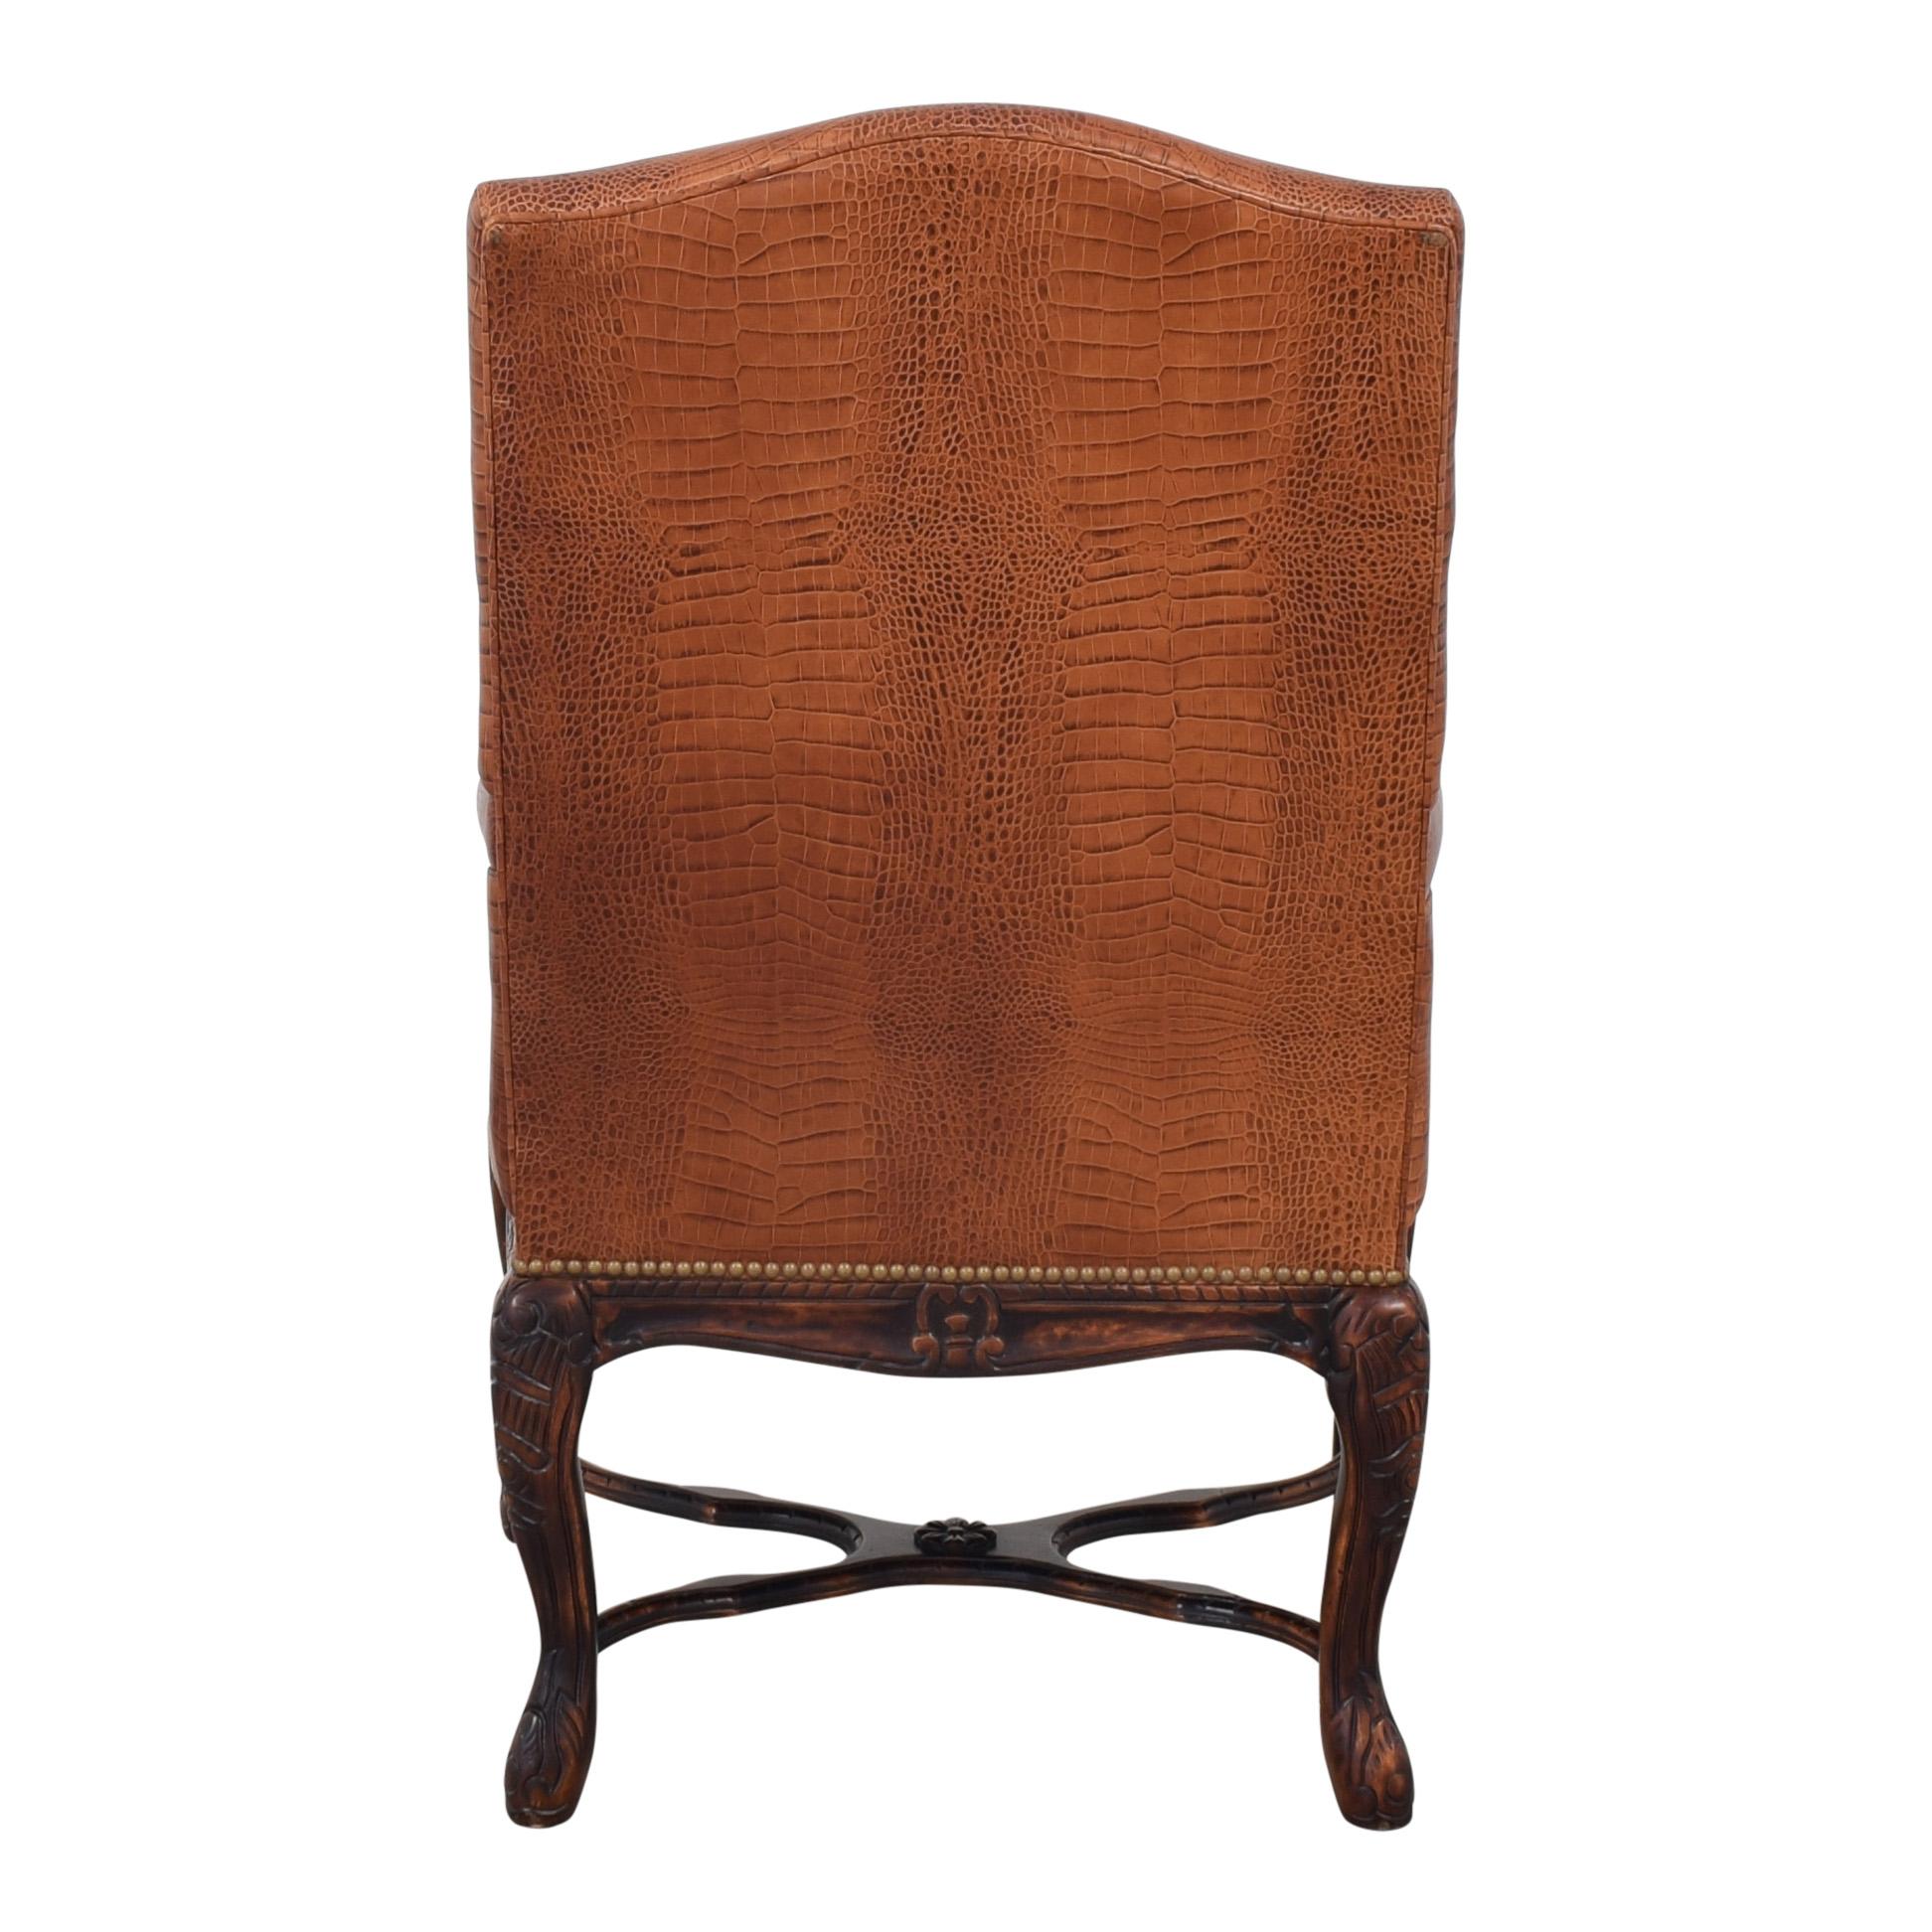 shop ABC Carpet & Home ABC Carpet & Home Bishop Chair online